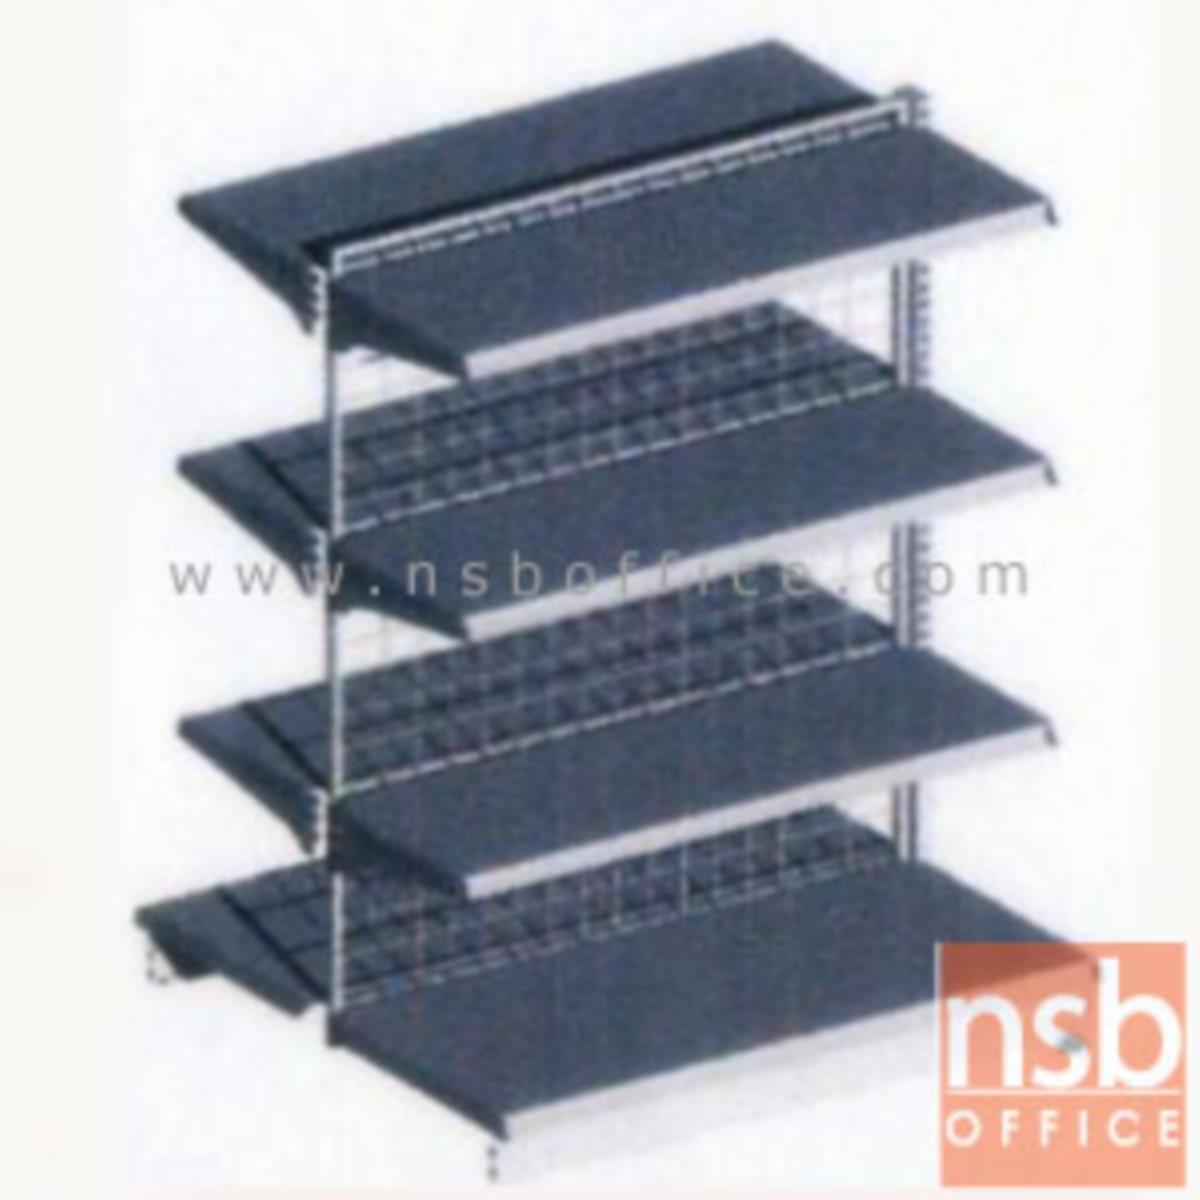 ชั้นเหล็กซุปเปอร์มาร์เก็ต สูง 120 cm. หนา 0.7 mm. 2 หน้า 4+4 แผ่นชั้น รุ่น CK-F4 แบบตัวตั้งและแบบตัวต่อ